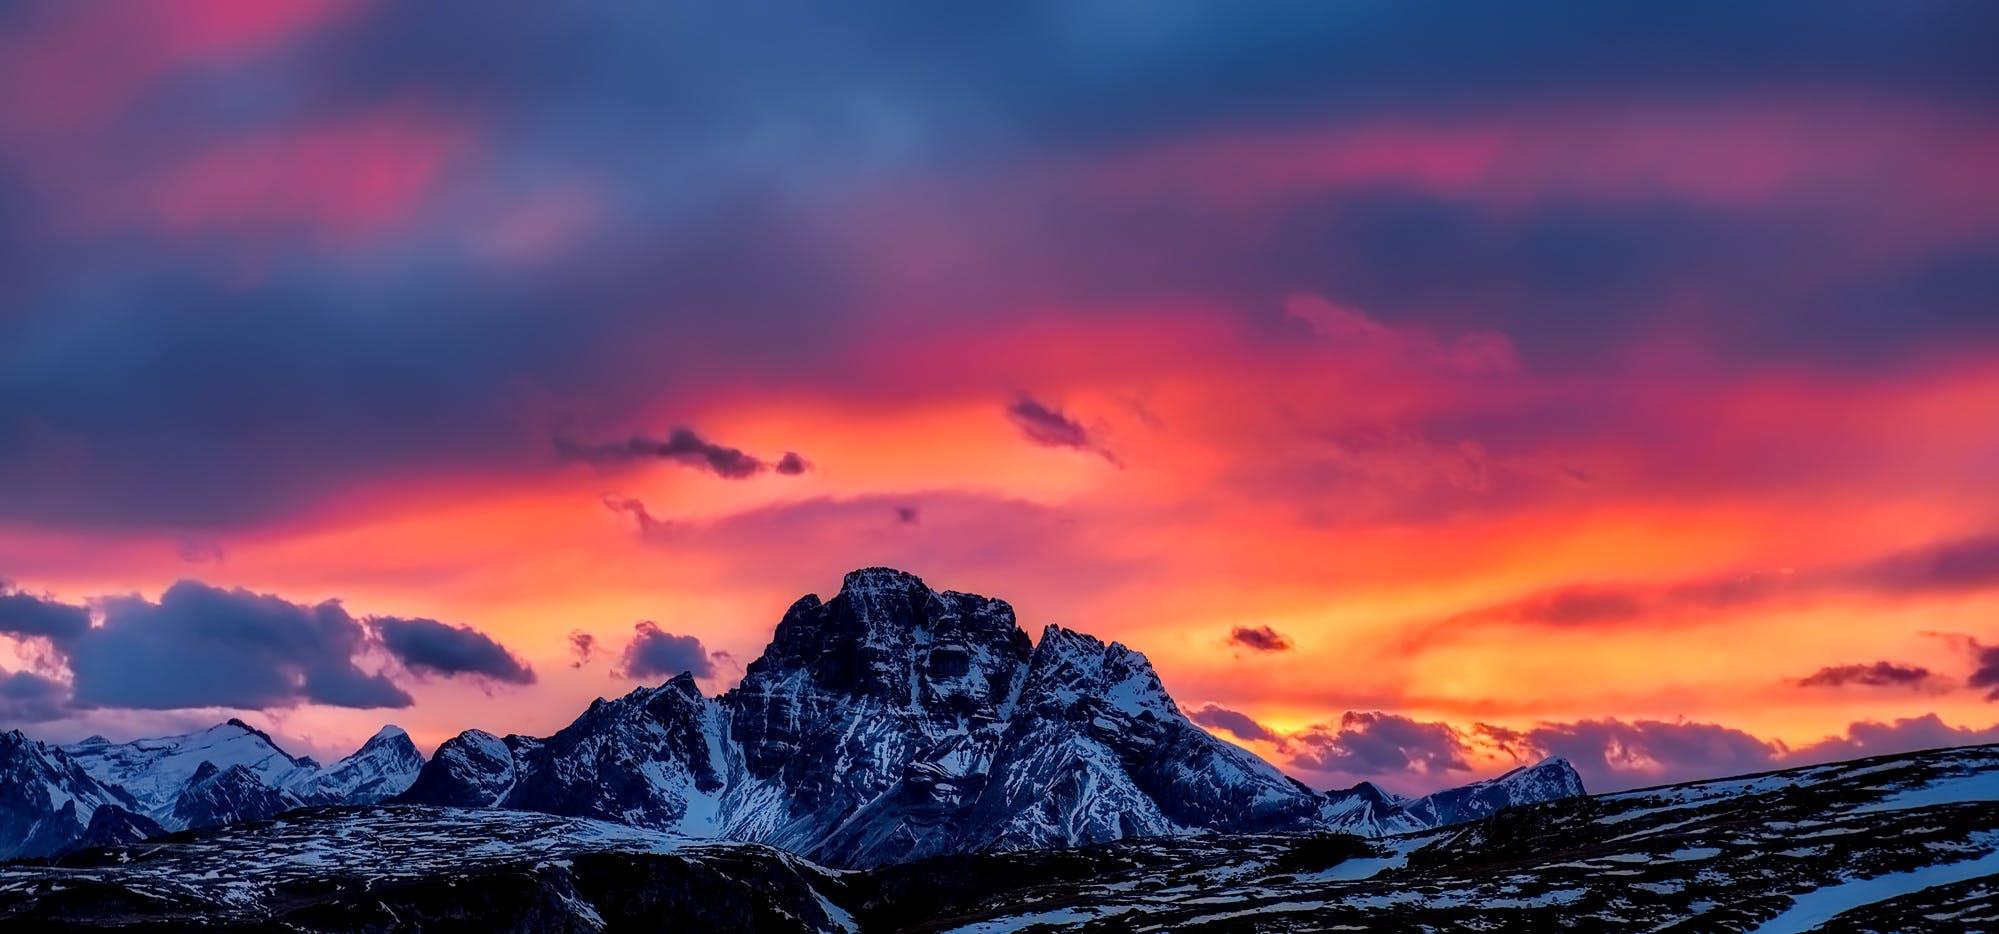 Kostenloses Stock Foto zu berge, dämmerung, friedvoll, himmel